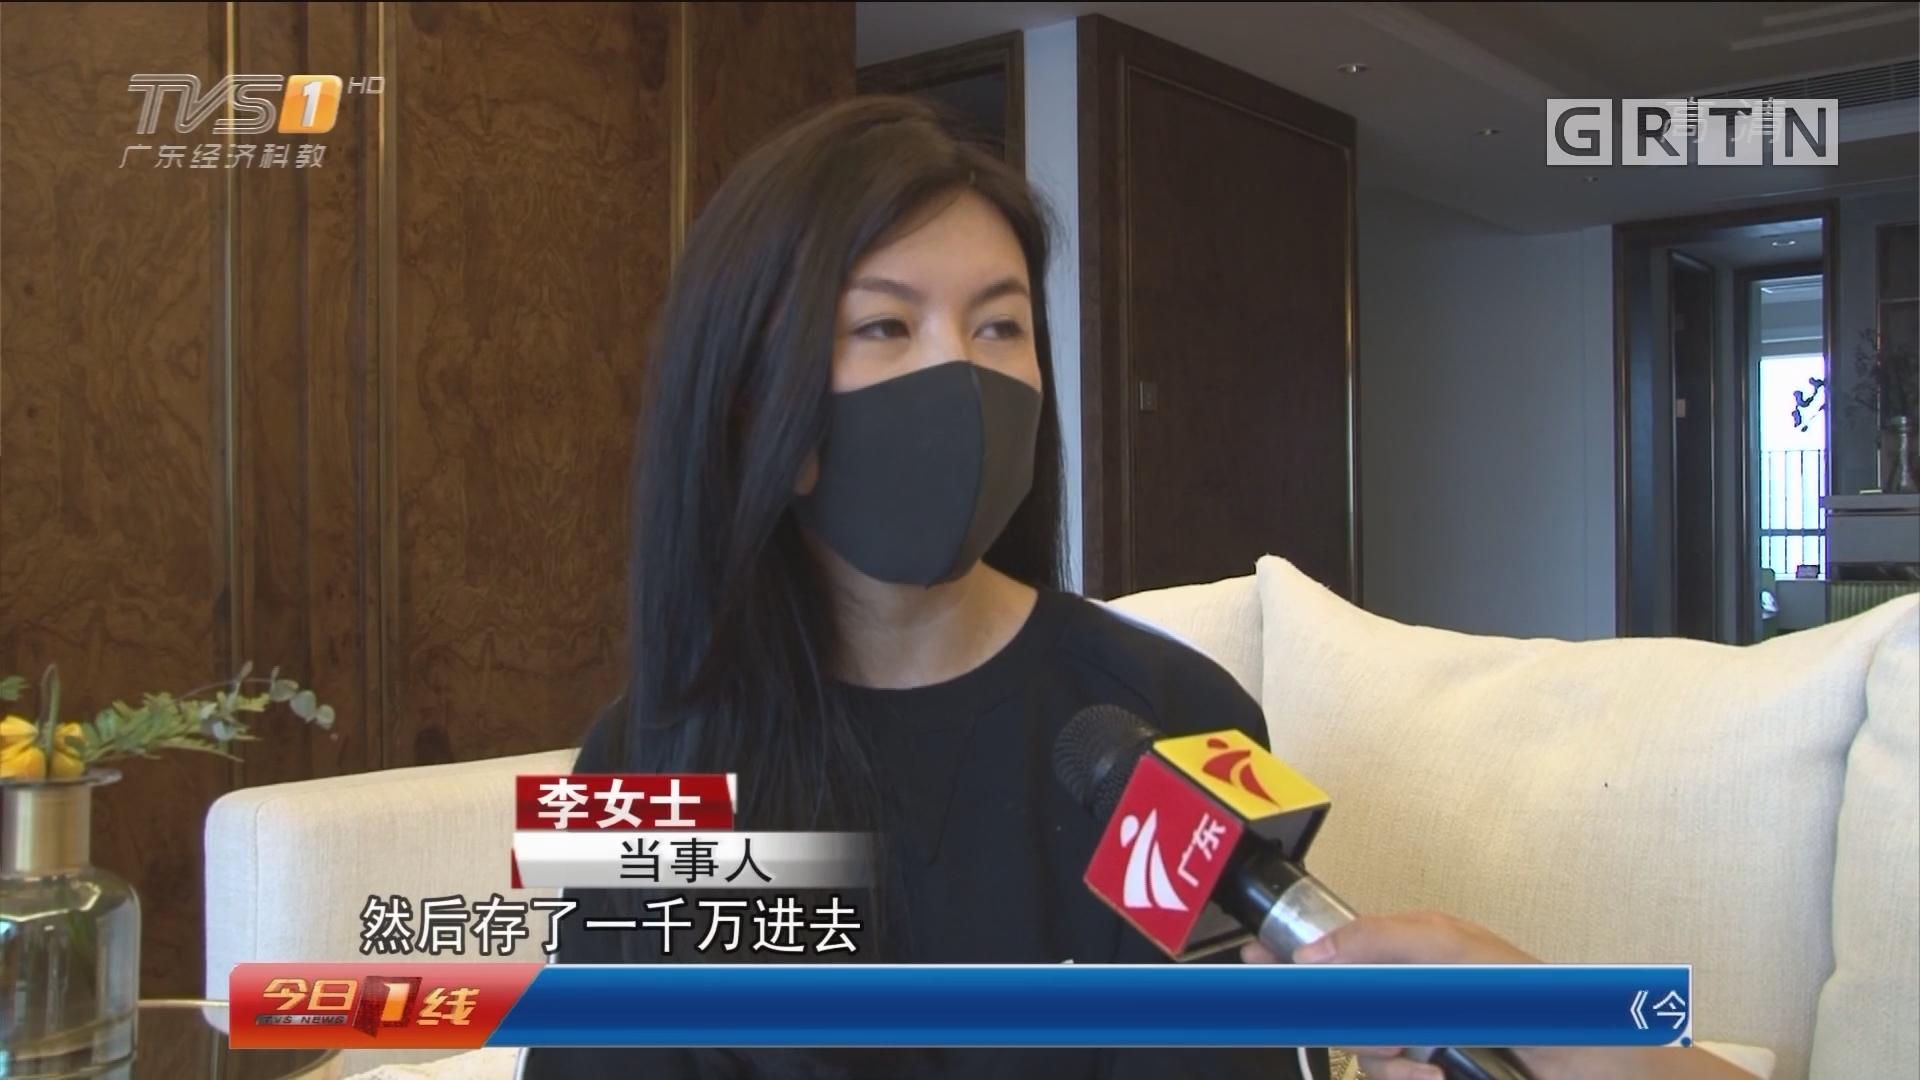 广州天河区:巨款存银行没了? 警方抓获嫌疑人